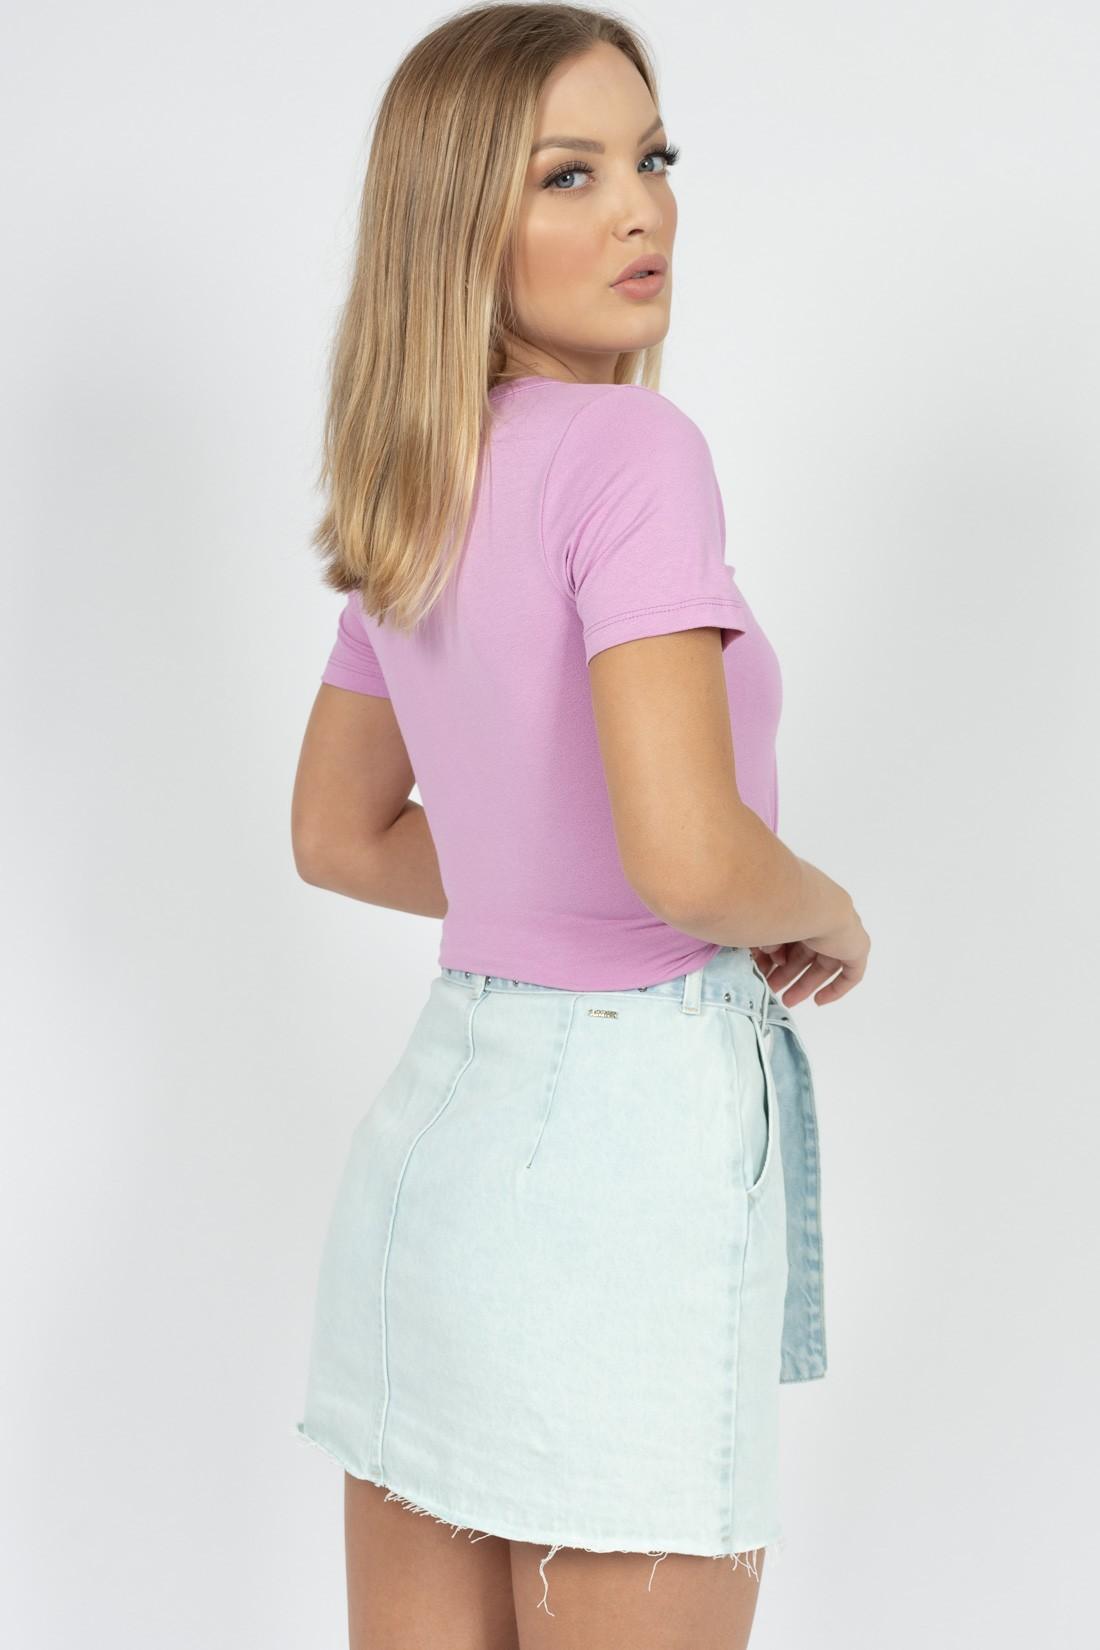 T Shirt Sommer Lisa Dec V